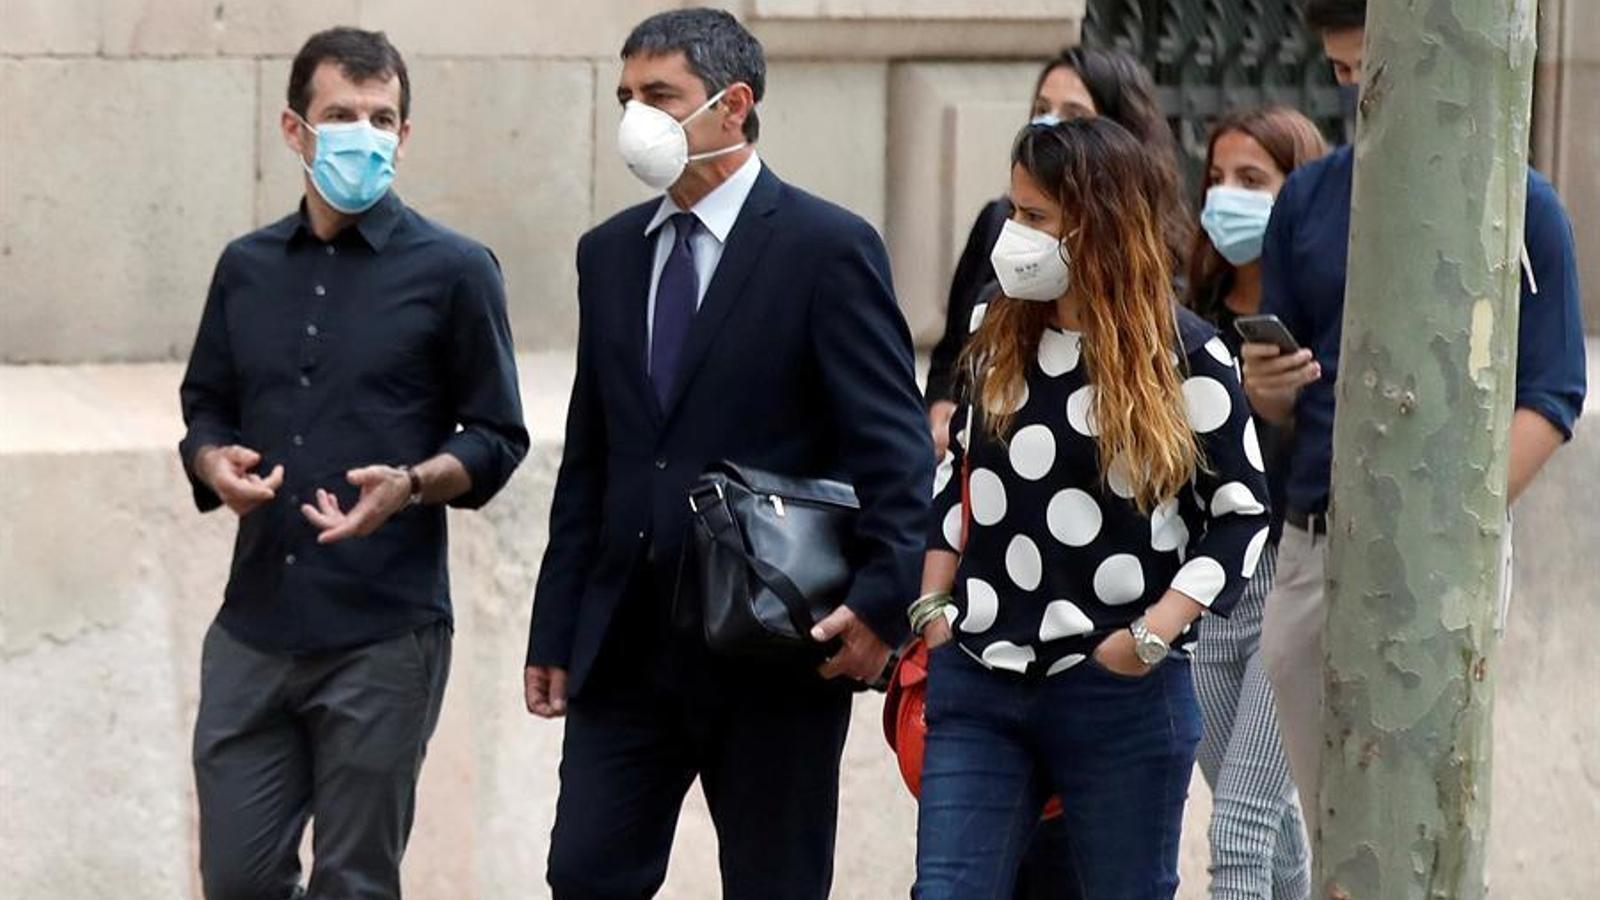 La Fiscalia rebaixa l'acusació de rebel·lió a sedició però demana 10 anys de presó a Trapero, Soler i Puig